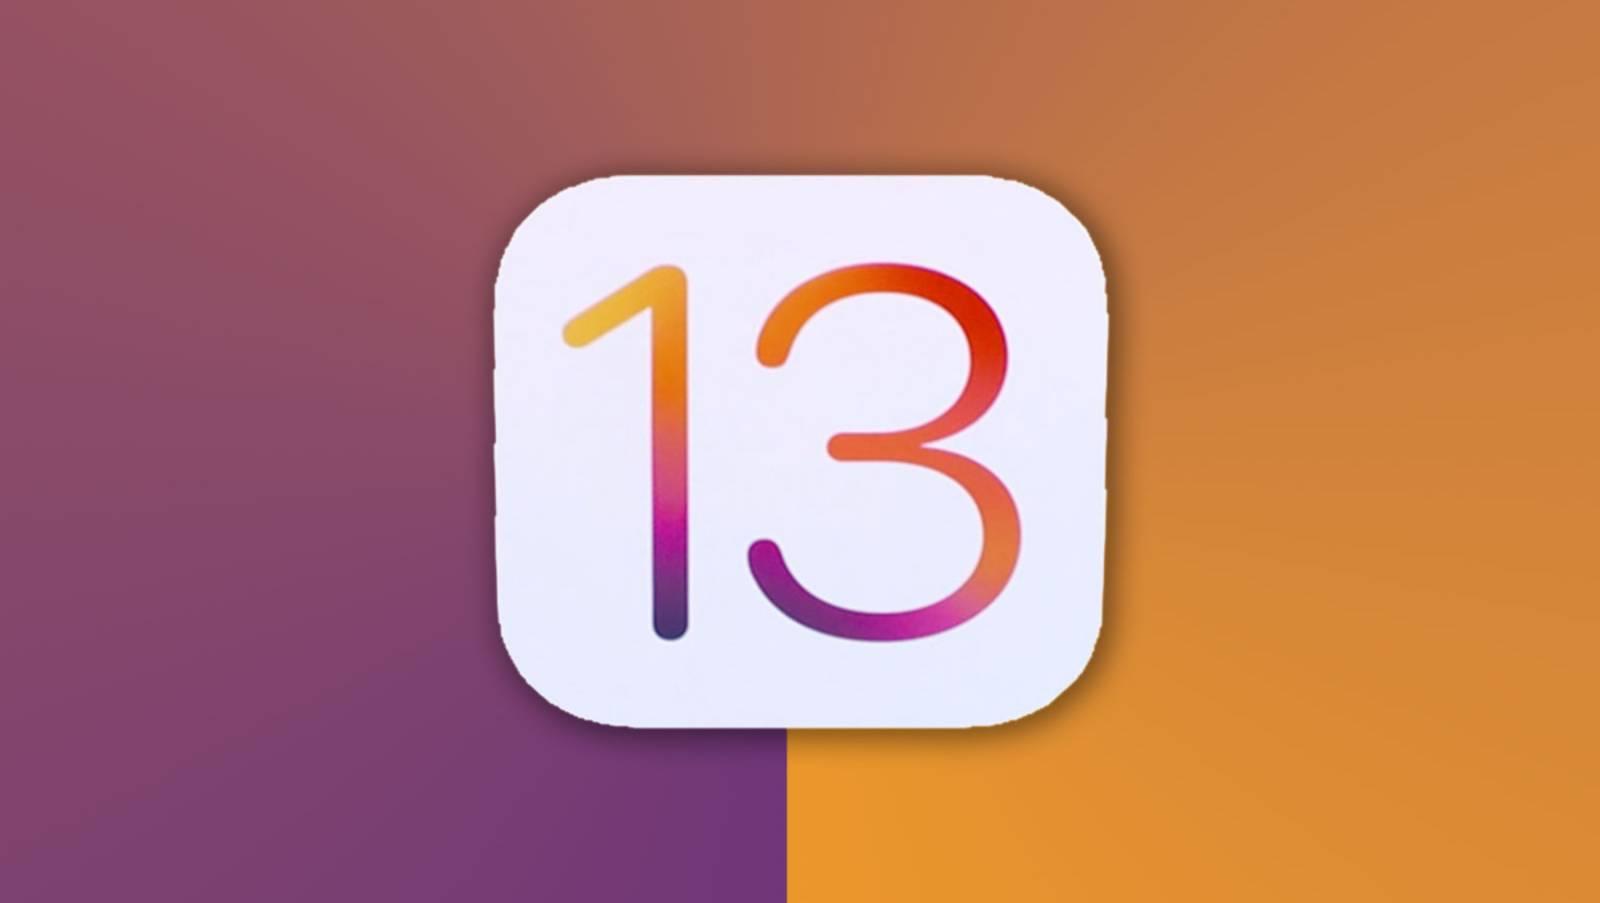 iOS 13 zip